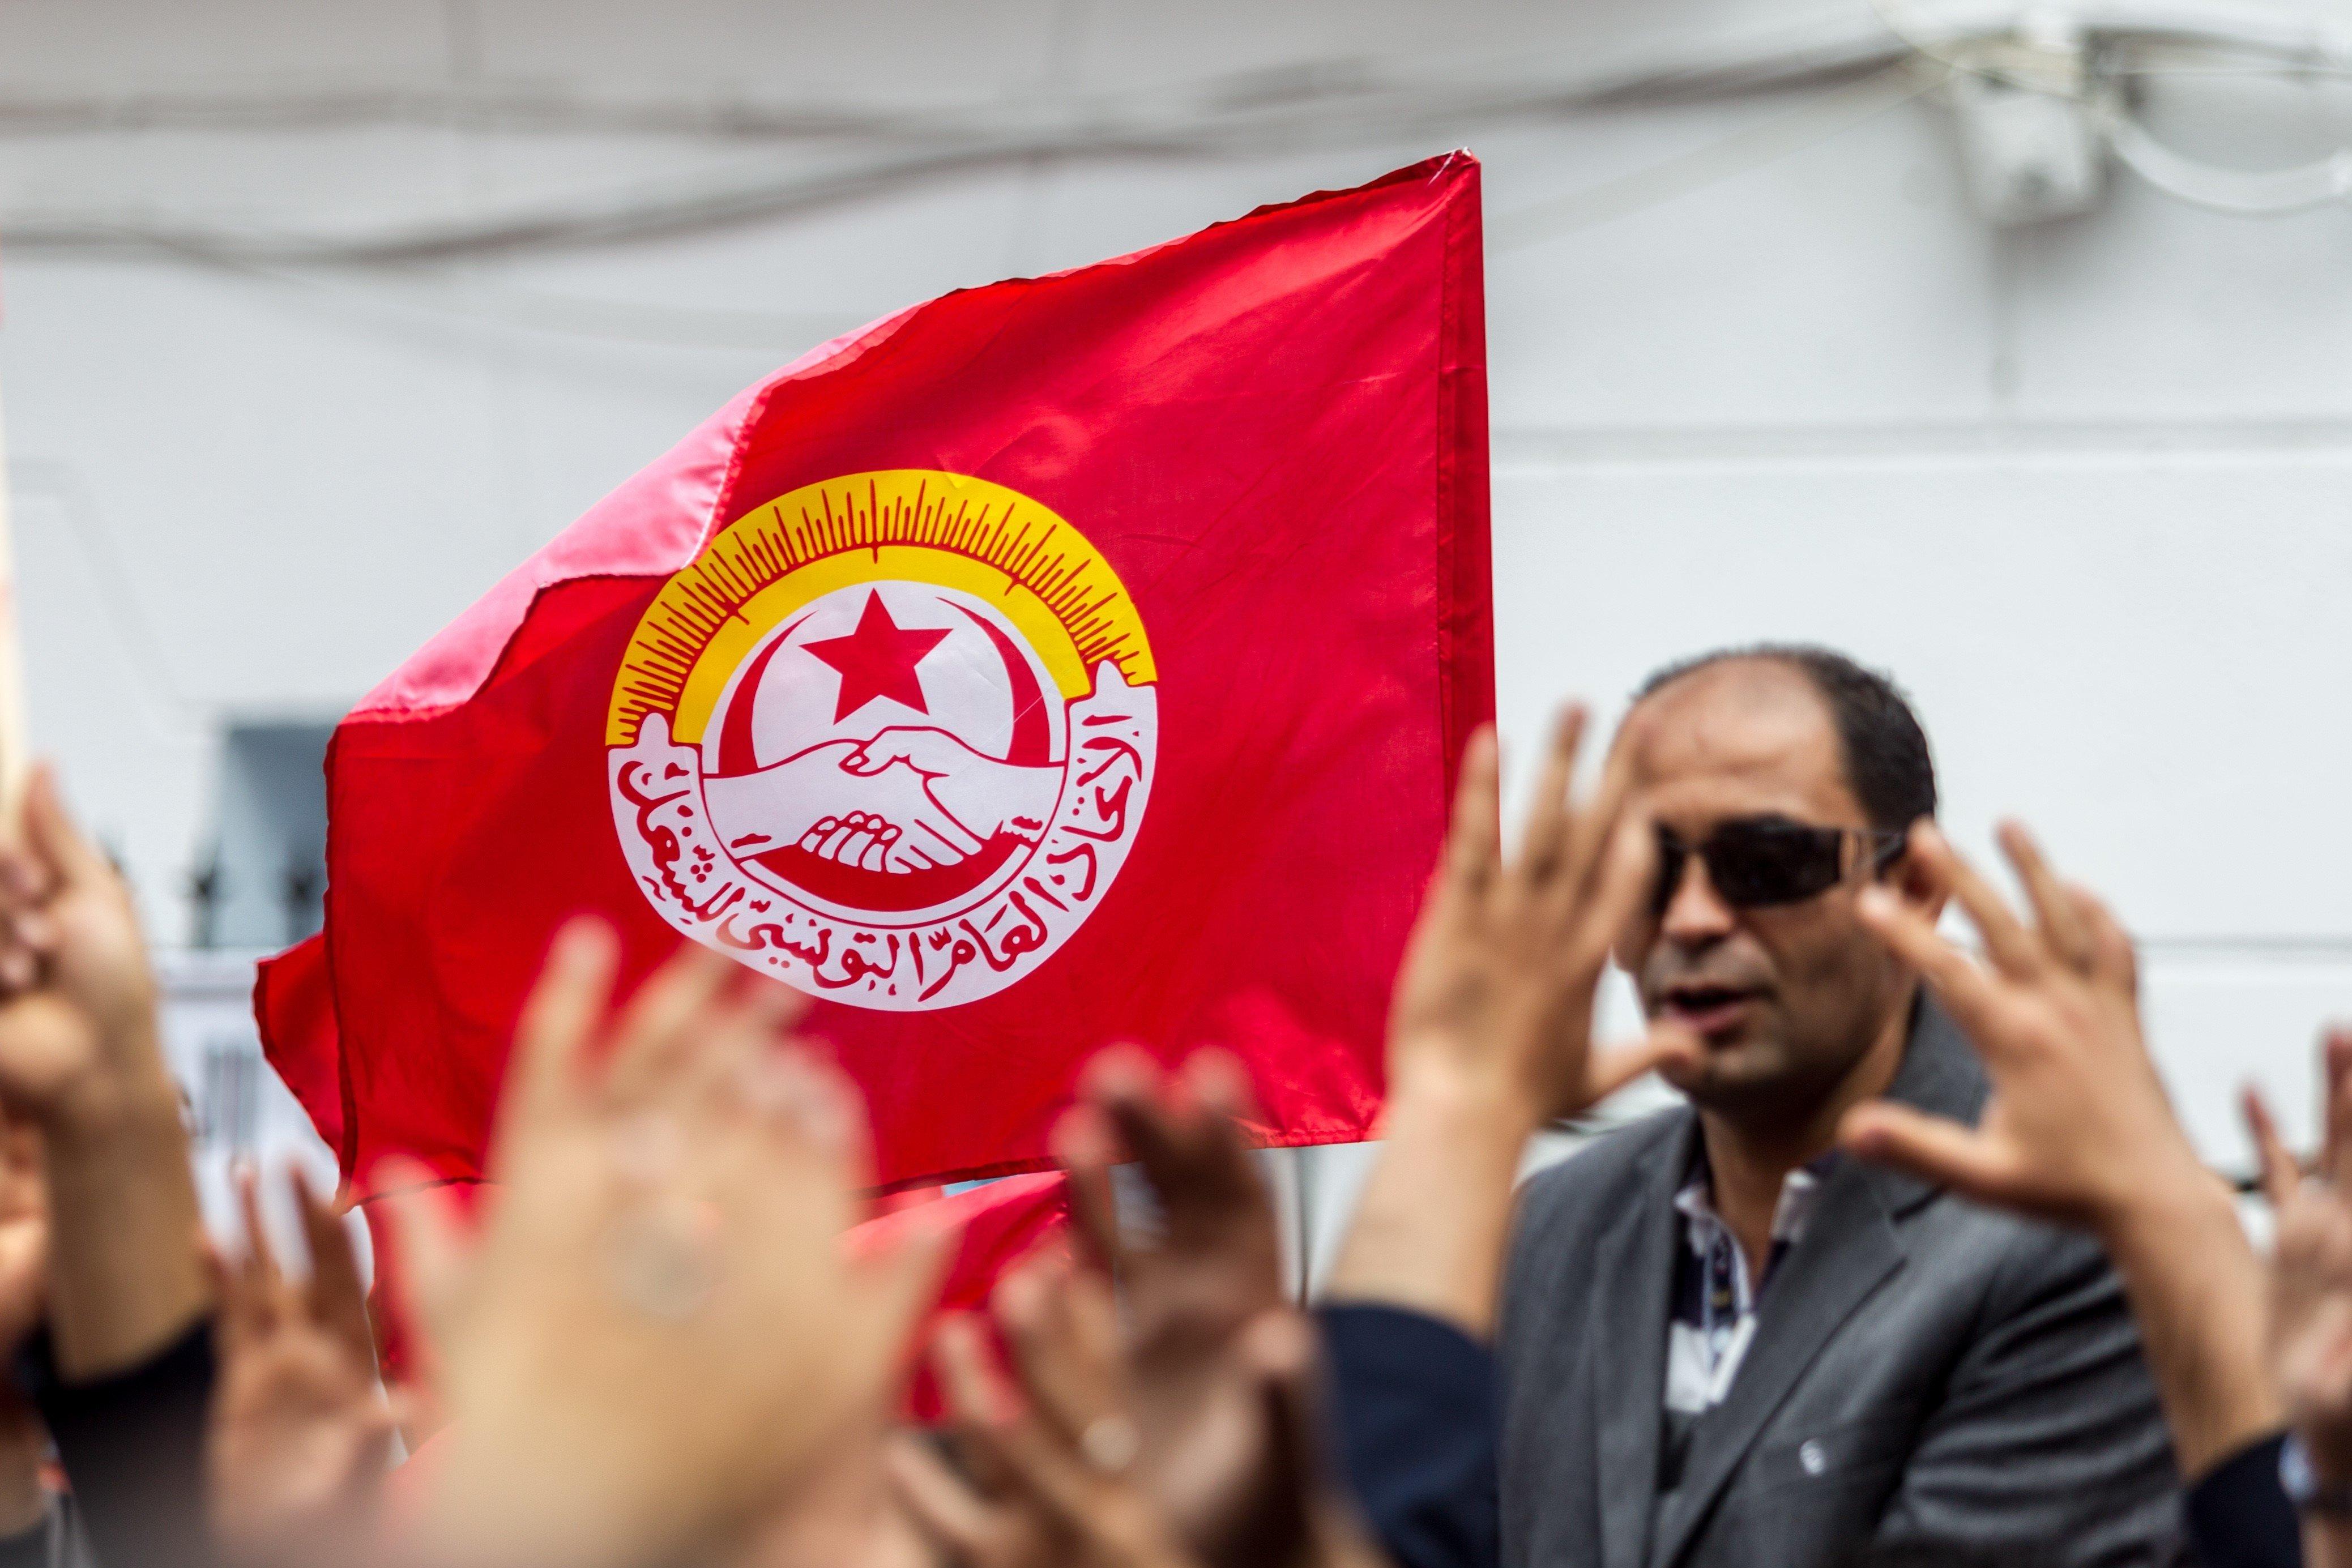 Ce qu'il faut savoir de la grève agents de la fonction publique demain